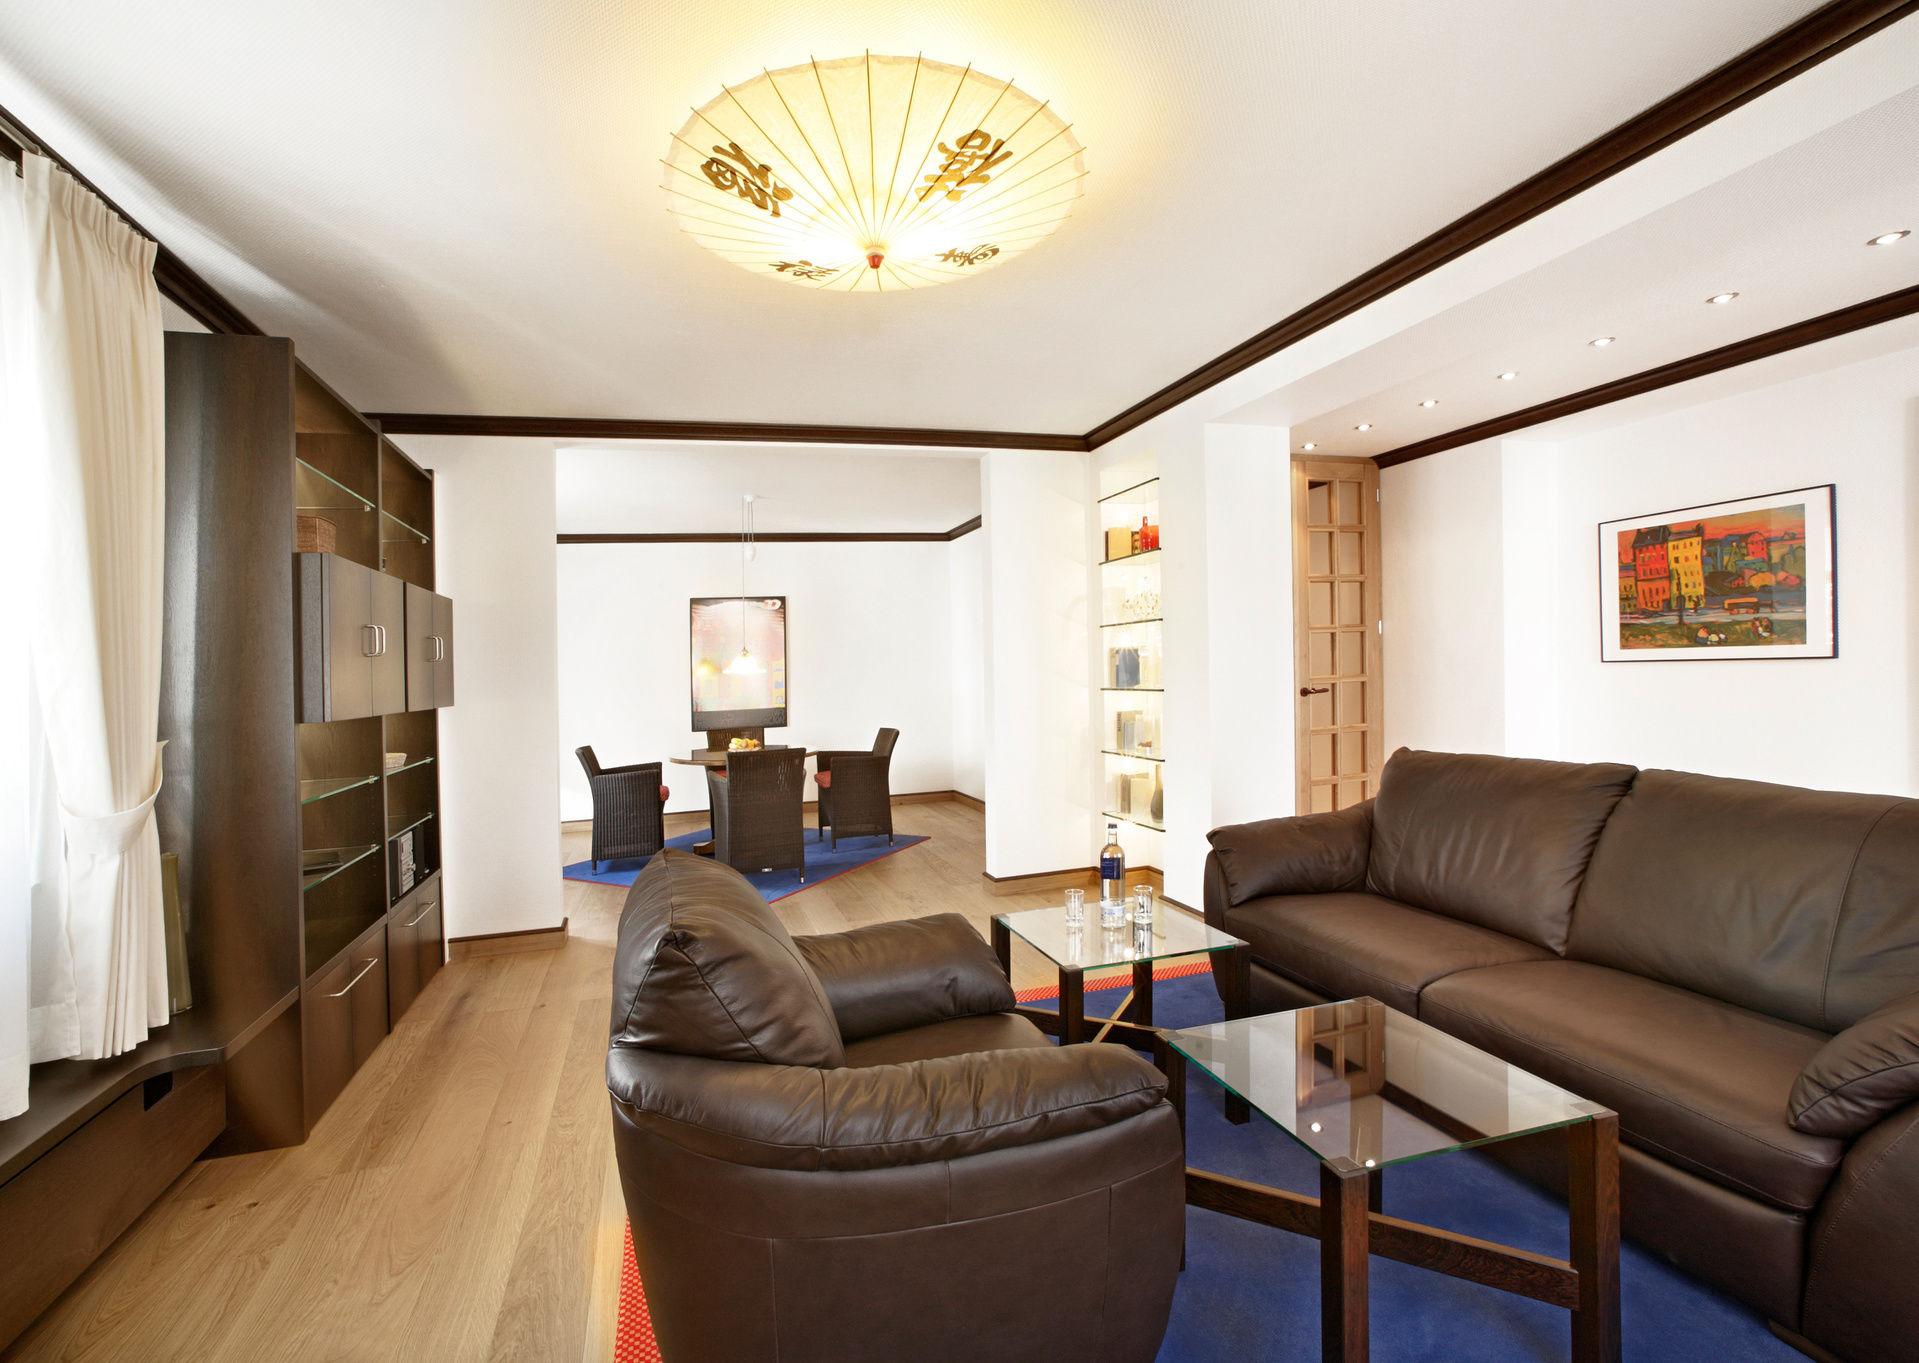 Zimmer Amp Suiten Wellnesshotel 4 Sterne Hotel Edelweiss Bad